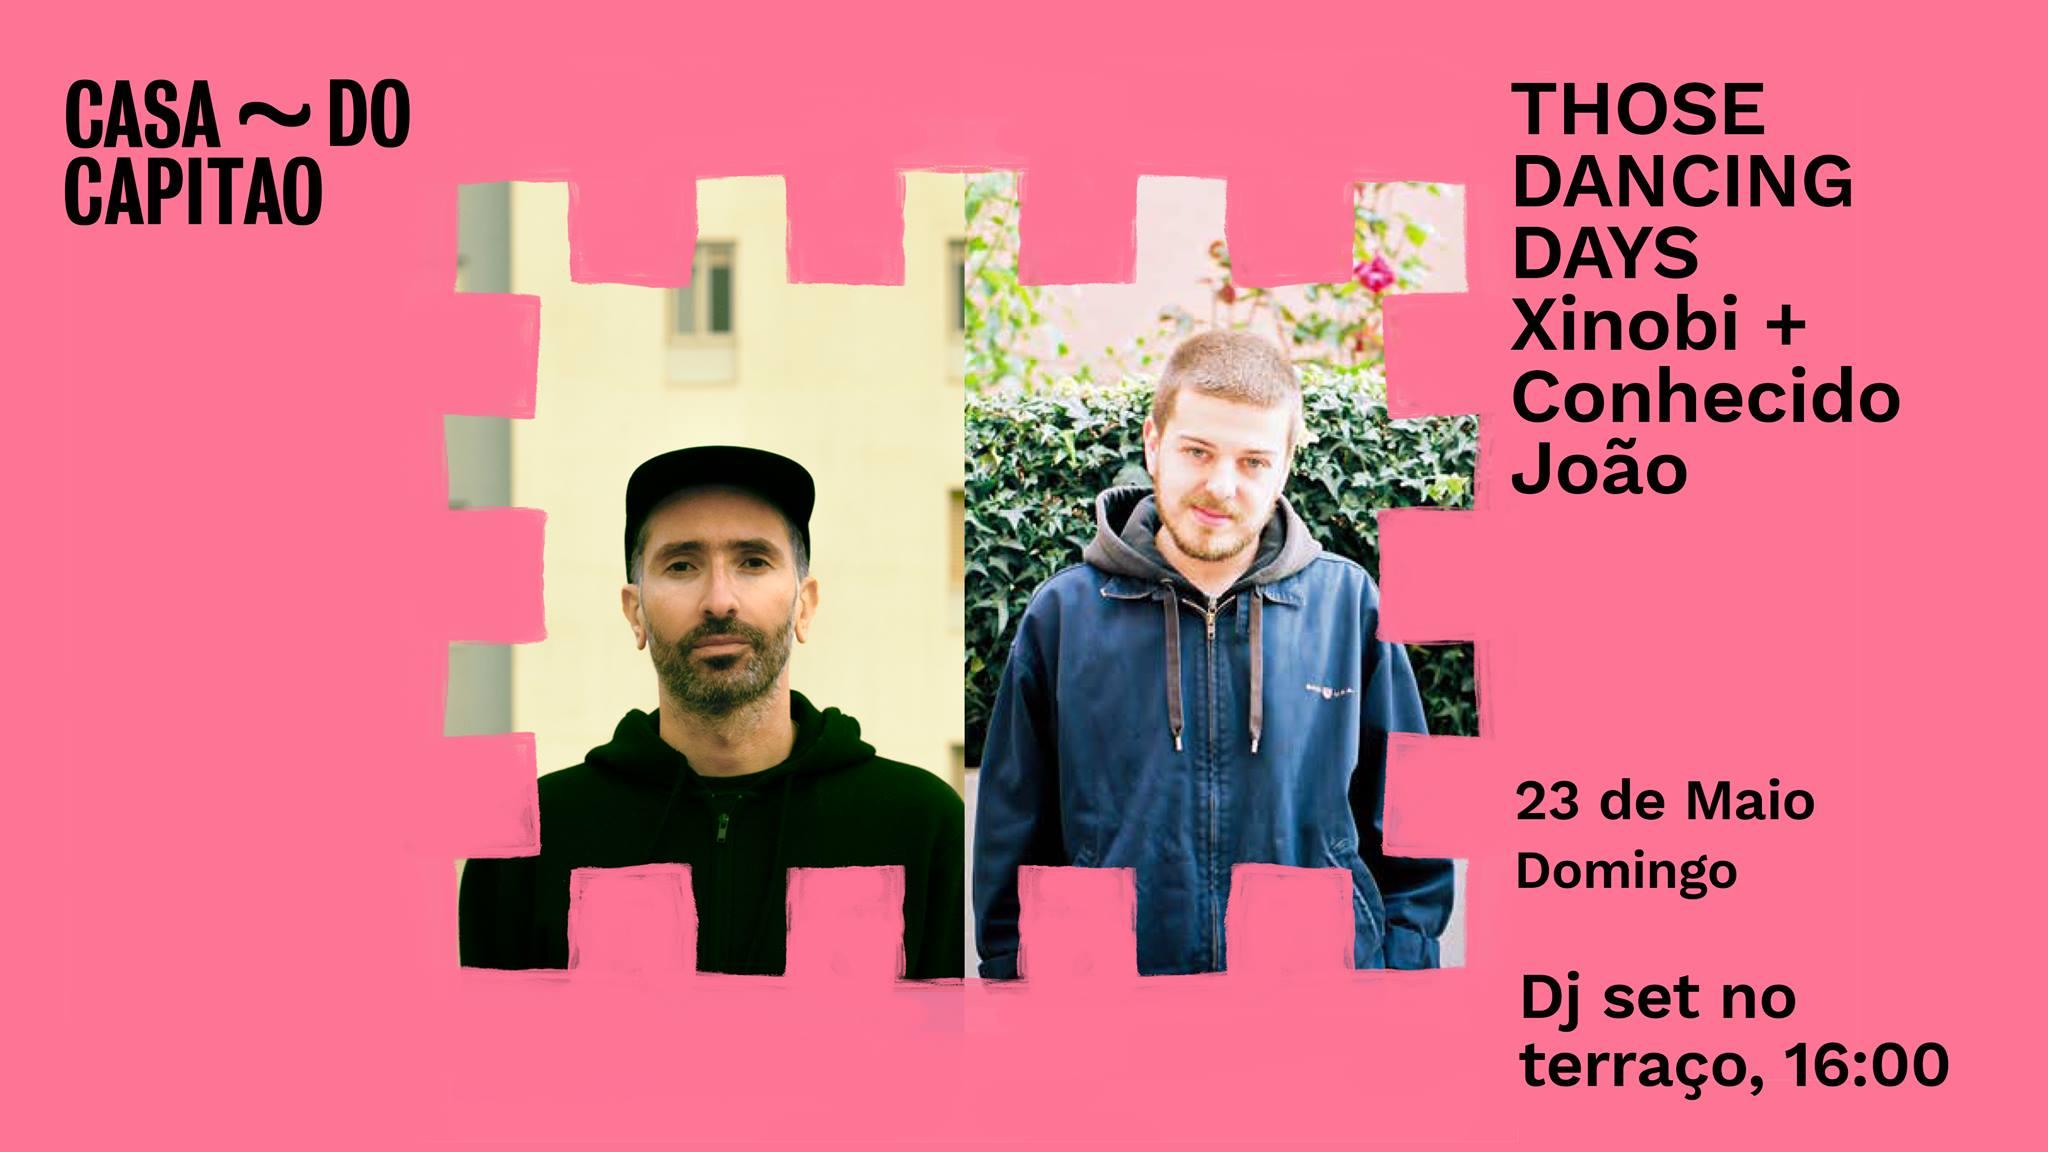 Those Dancing Days. Xinobi + Conhecido João • DJ set no terraço